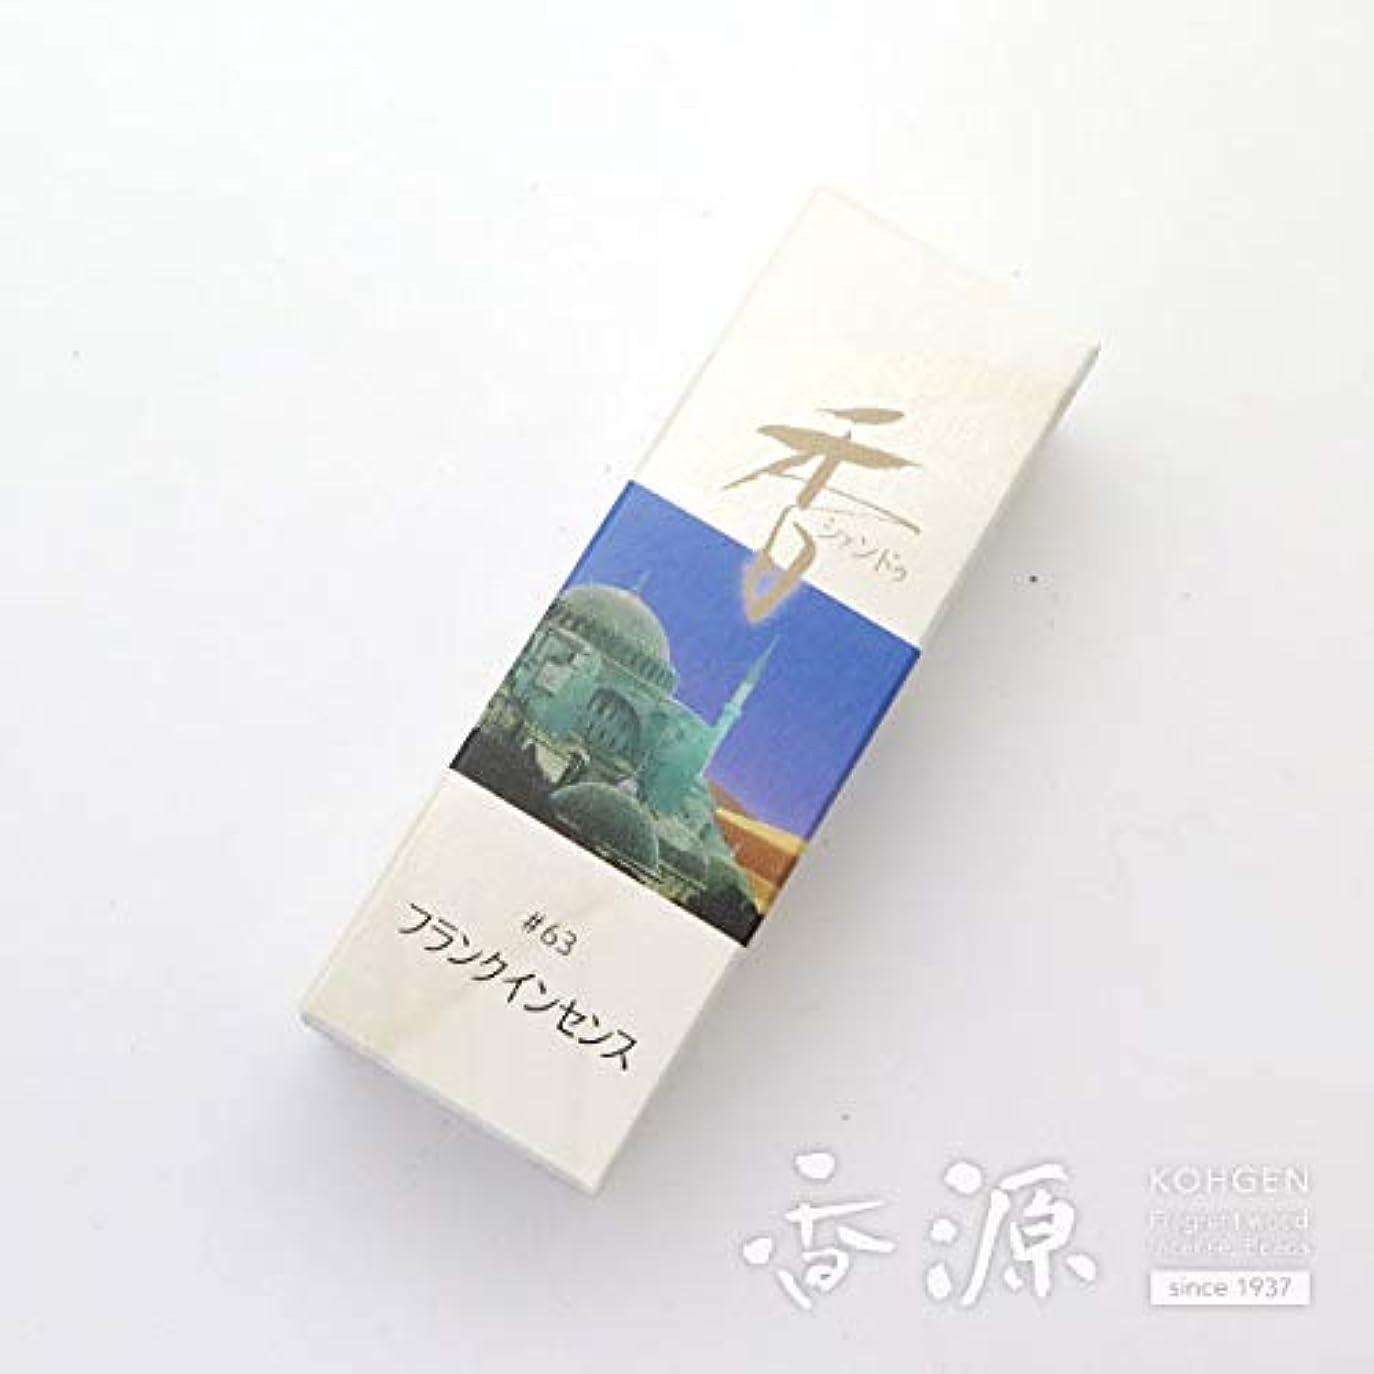 更新する北方強要Xiang Do(シャンドゥ) 松栄堂のお香 フランクインセンス ST20本入 簡易香立付 #214263